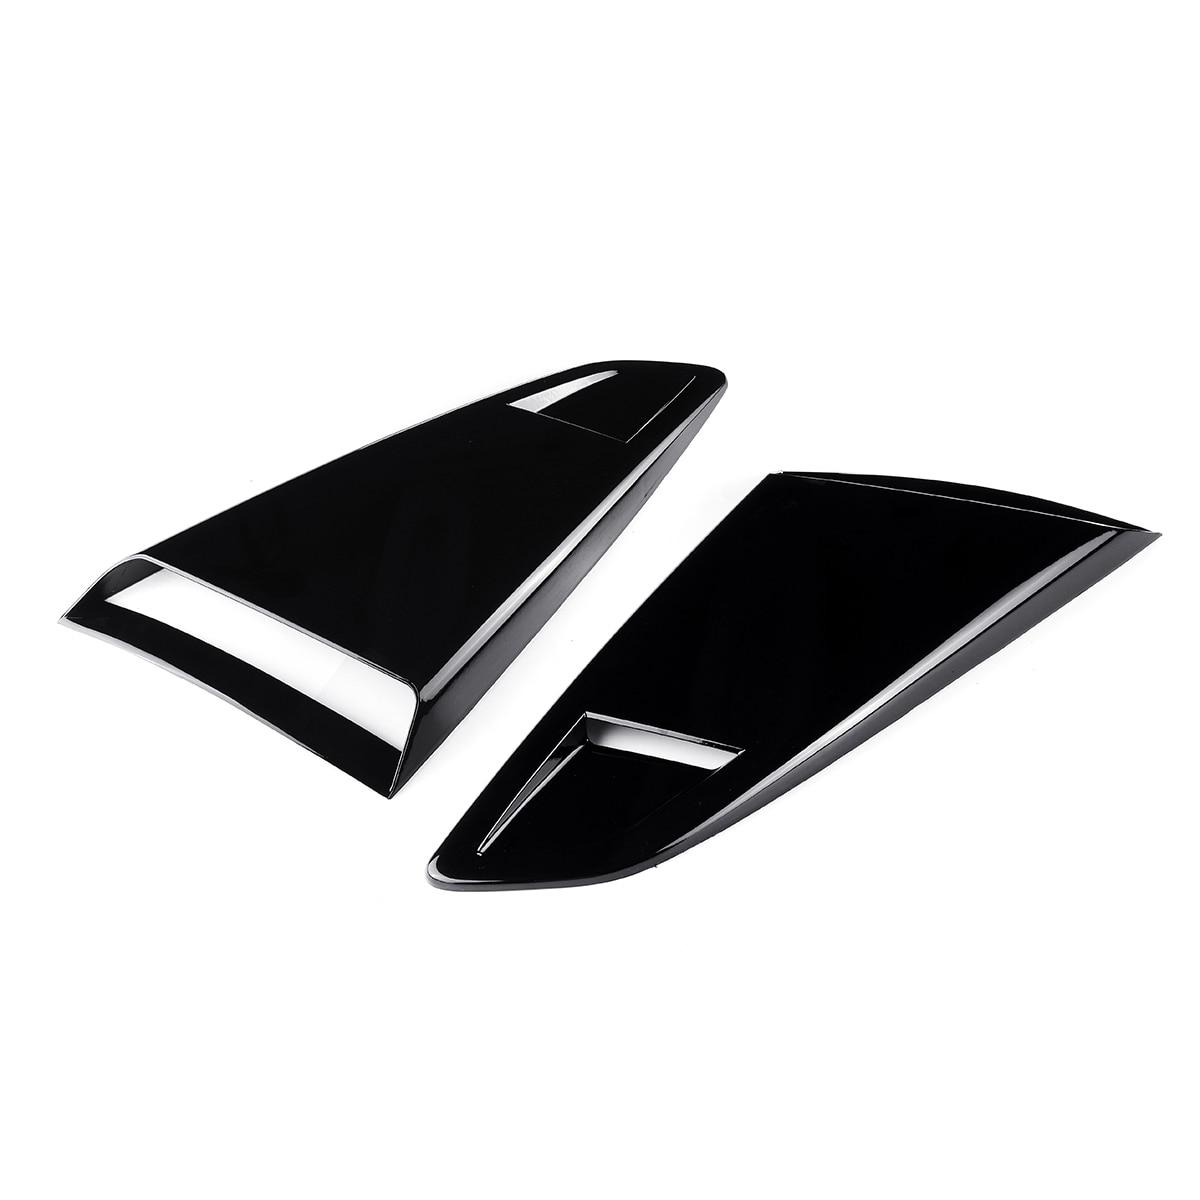 2 pièces voiture côté fenêtre quart arrière persienne évent latéral Scoop couverture garniture pour coupé modèle pour Ford pour Mustang 2Dr 2015-2017